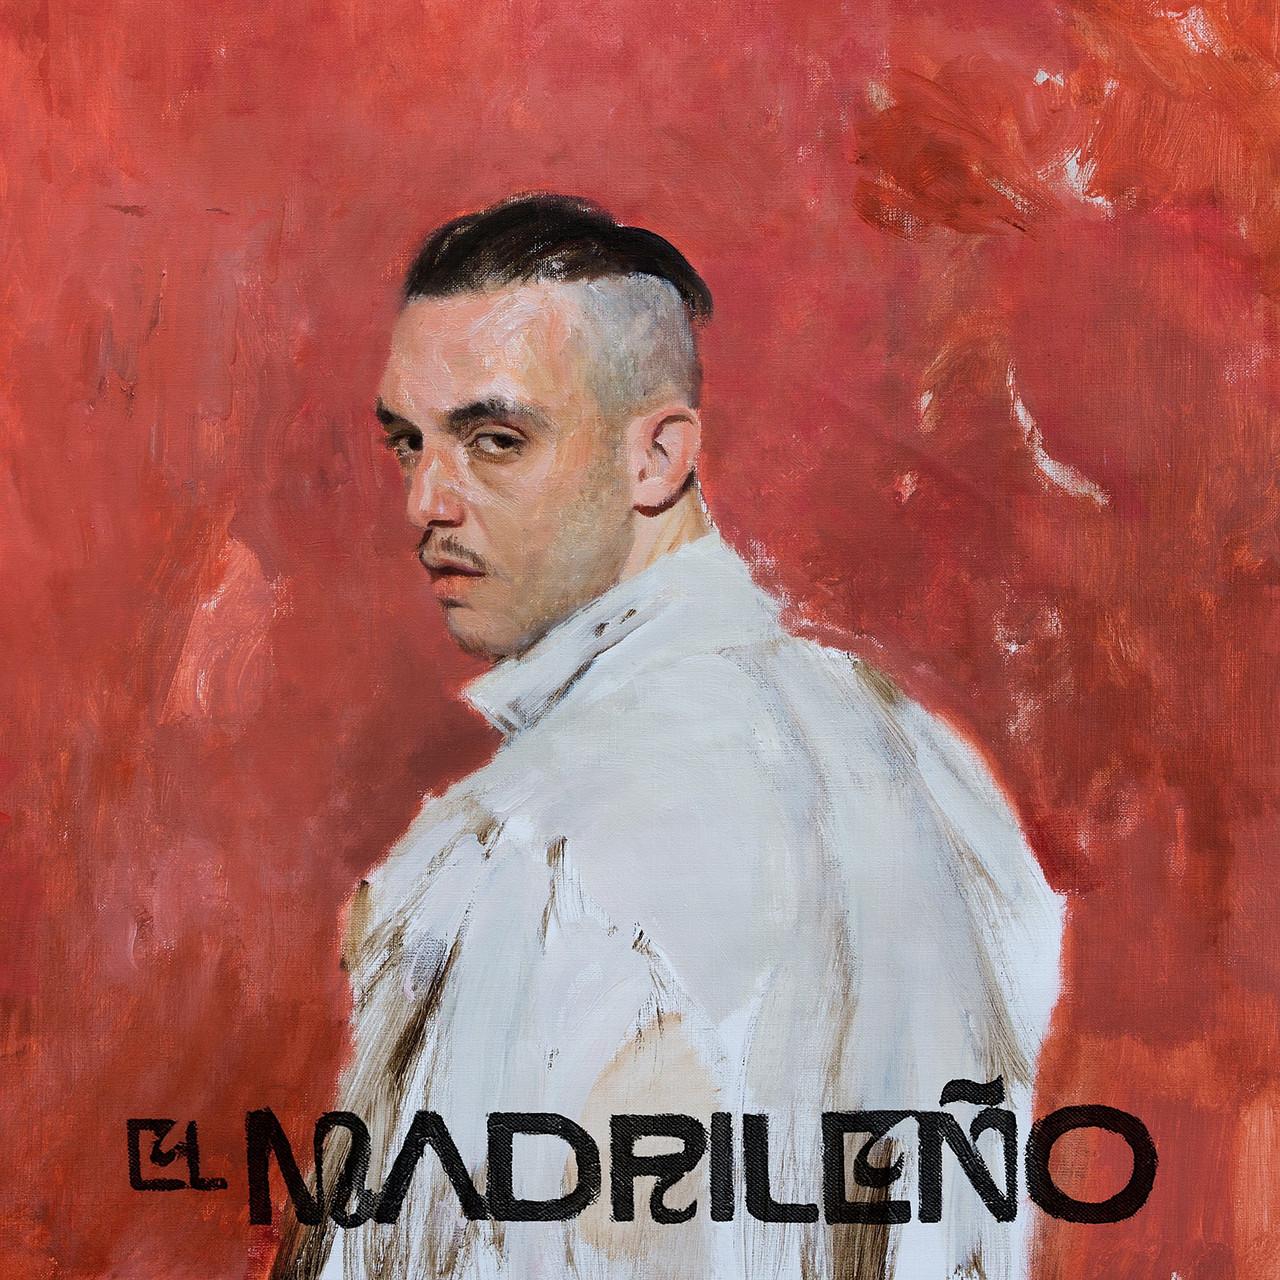 """""""El Madrileño"""" de C.Tangana: folklore y modernidad"""